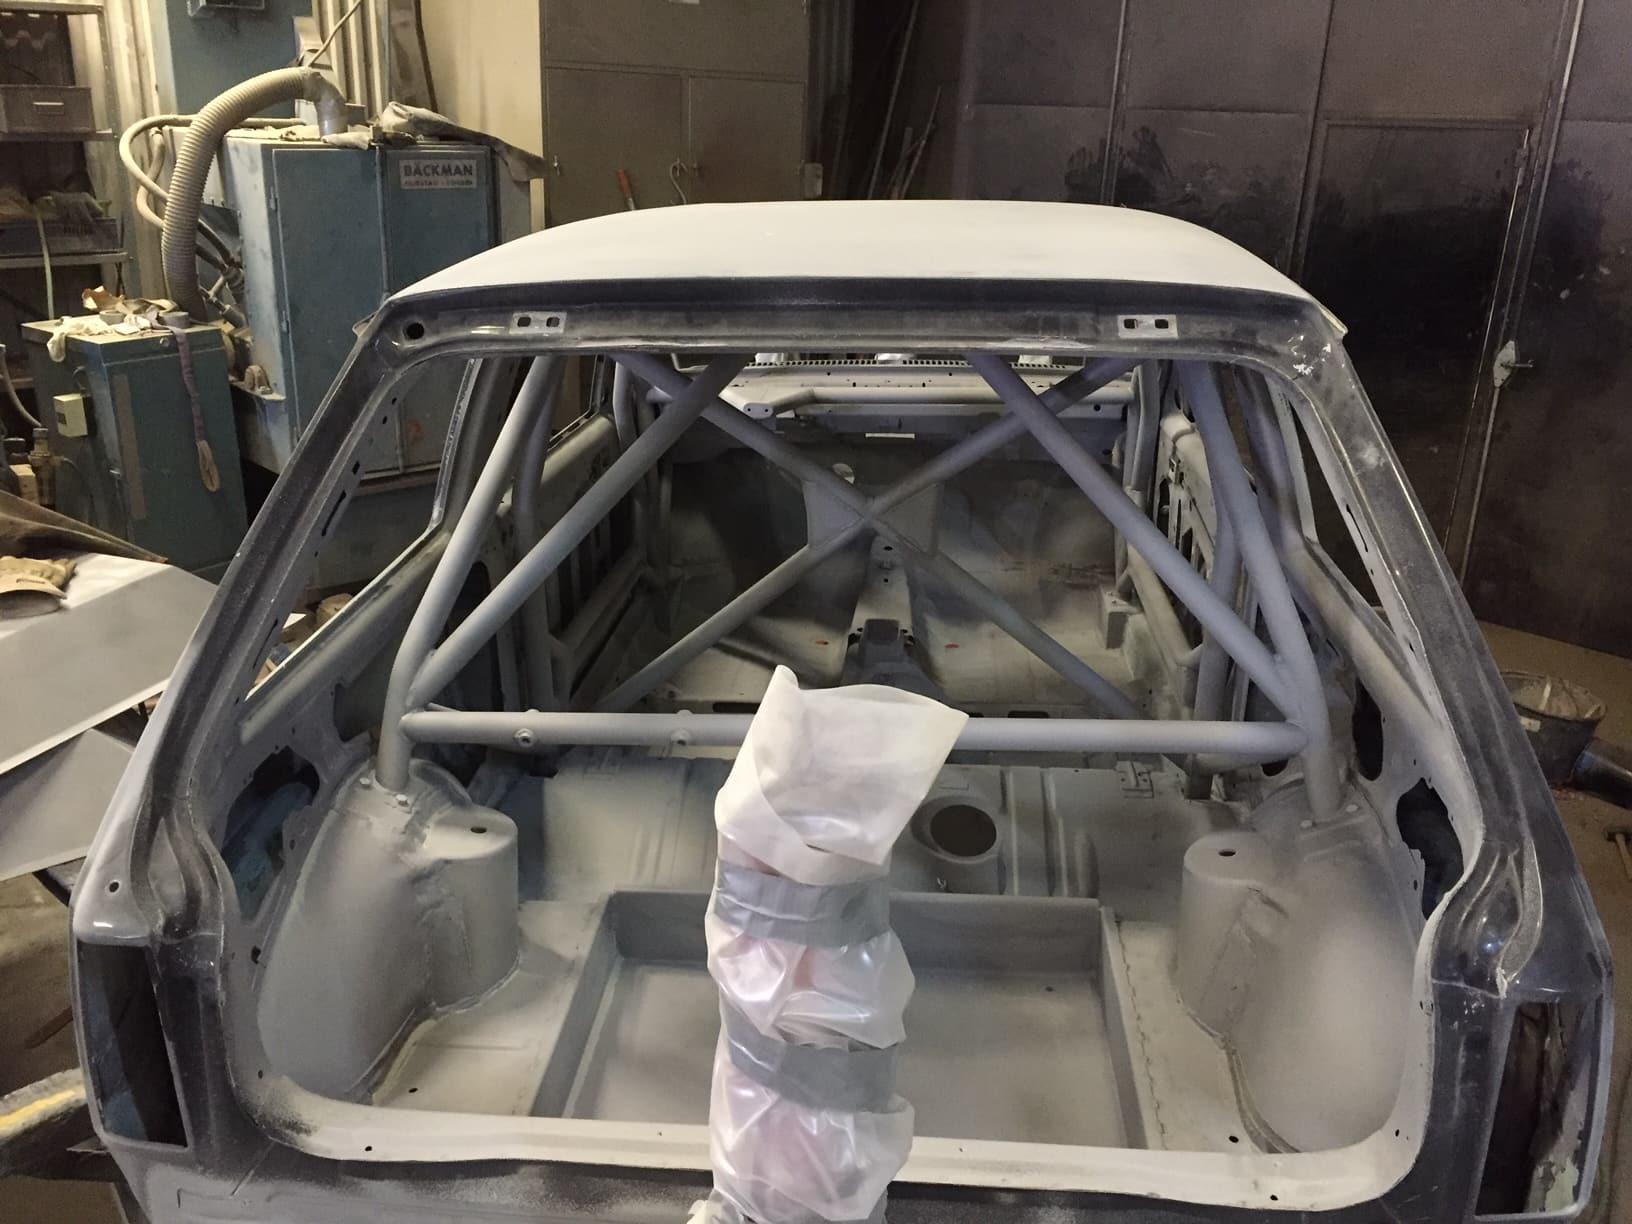 blästring allblästring målning bilar bildelar 03